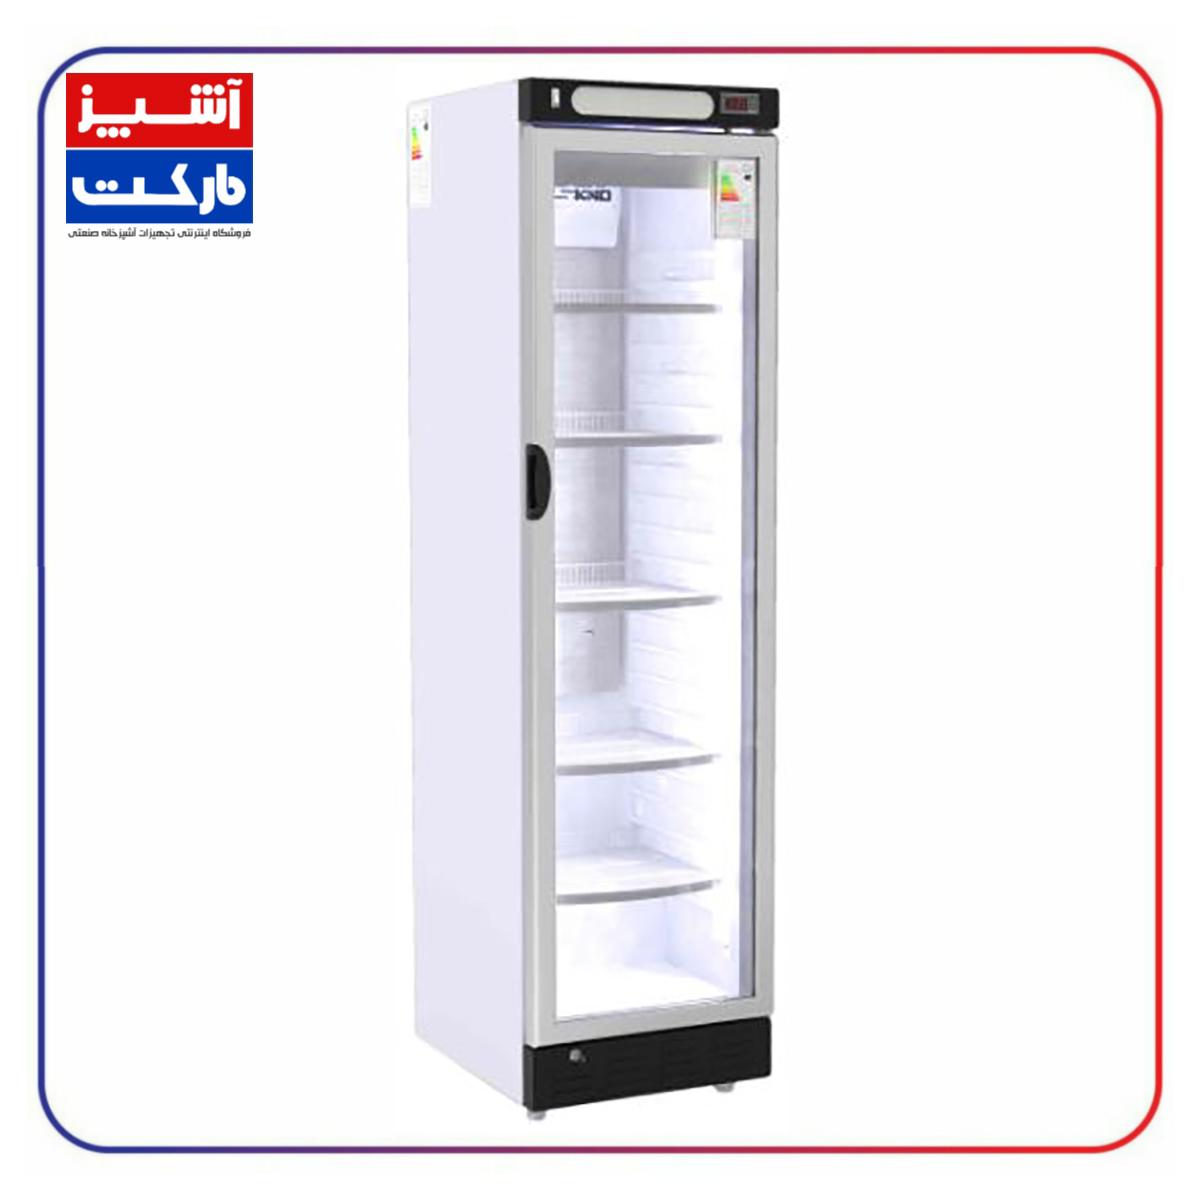 یخچال فروشگاهی کینو 50 سانت KINO KR 500 WL